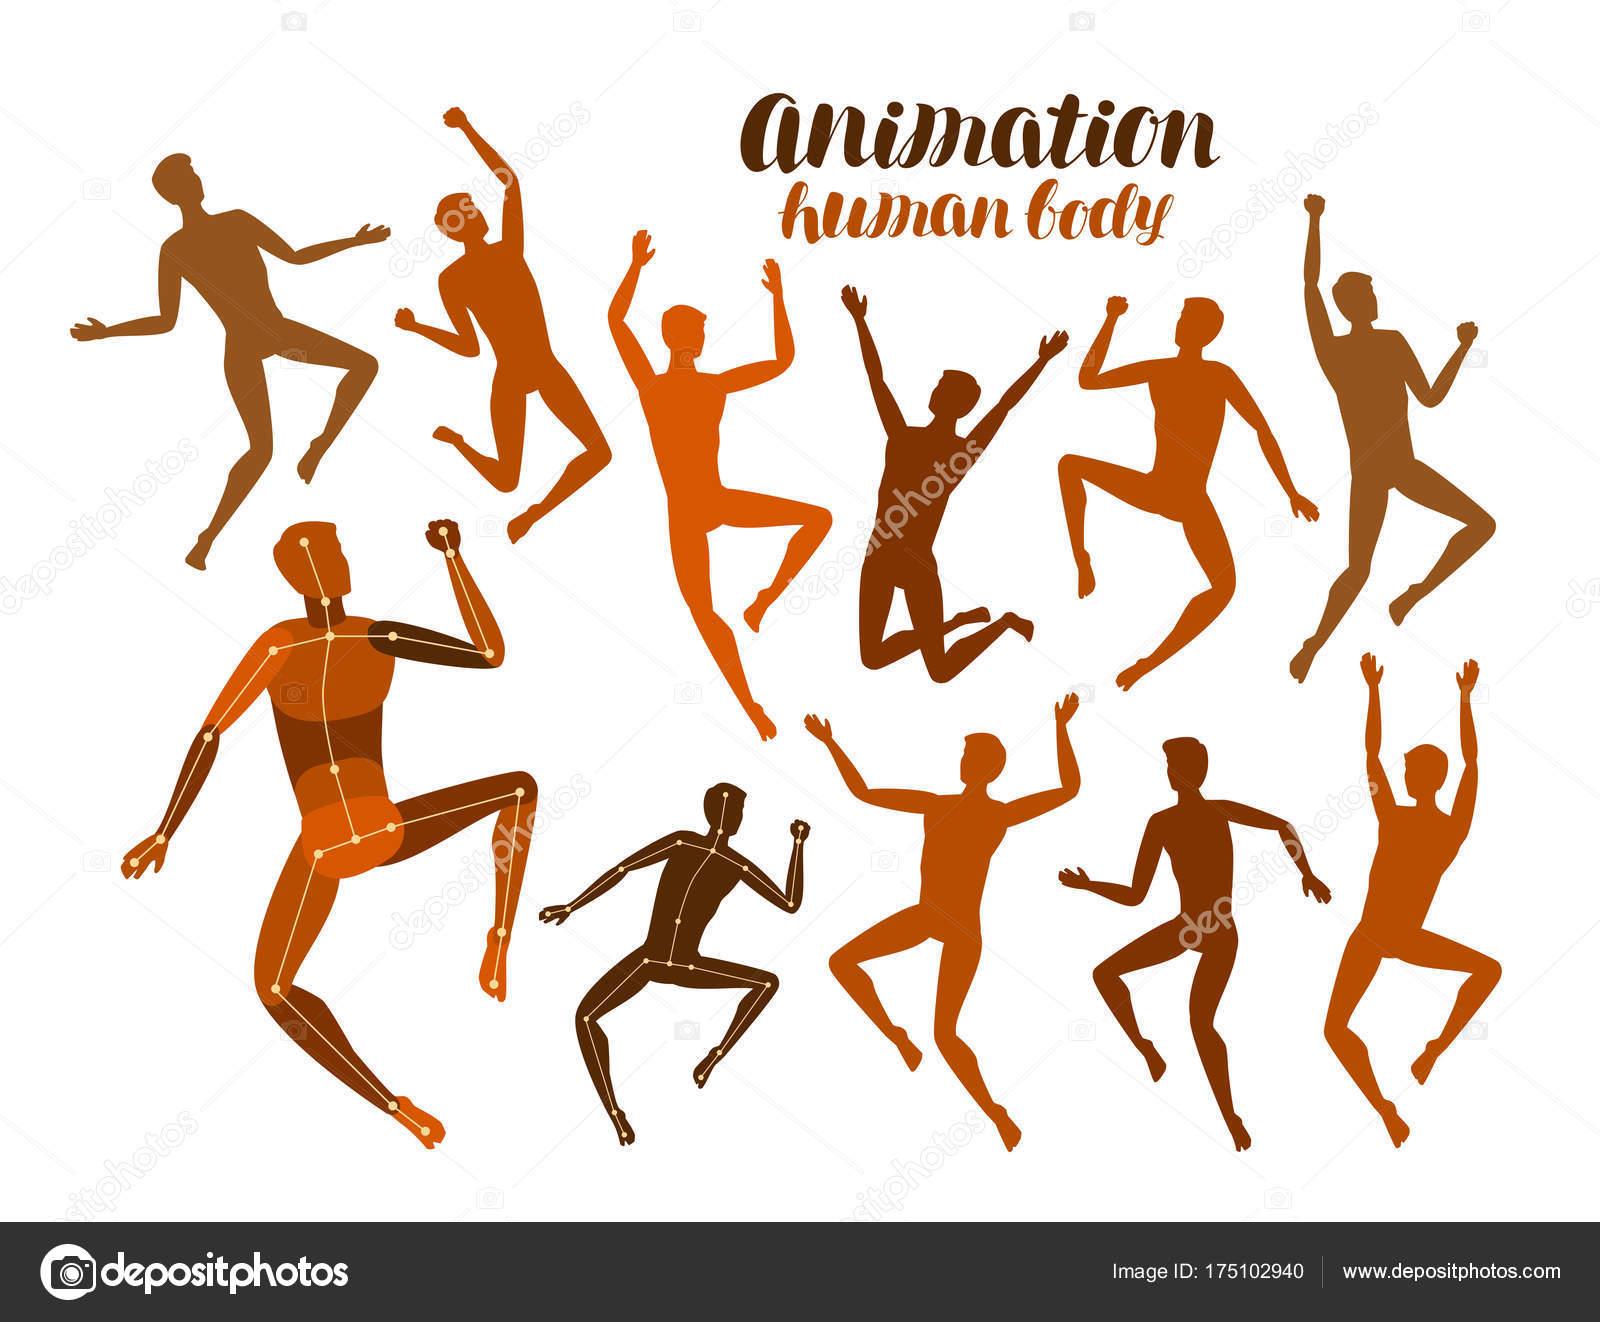 Animation des menschlichen Körpers. Anatomie, Menschen in Bewegung ...